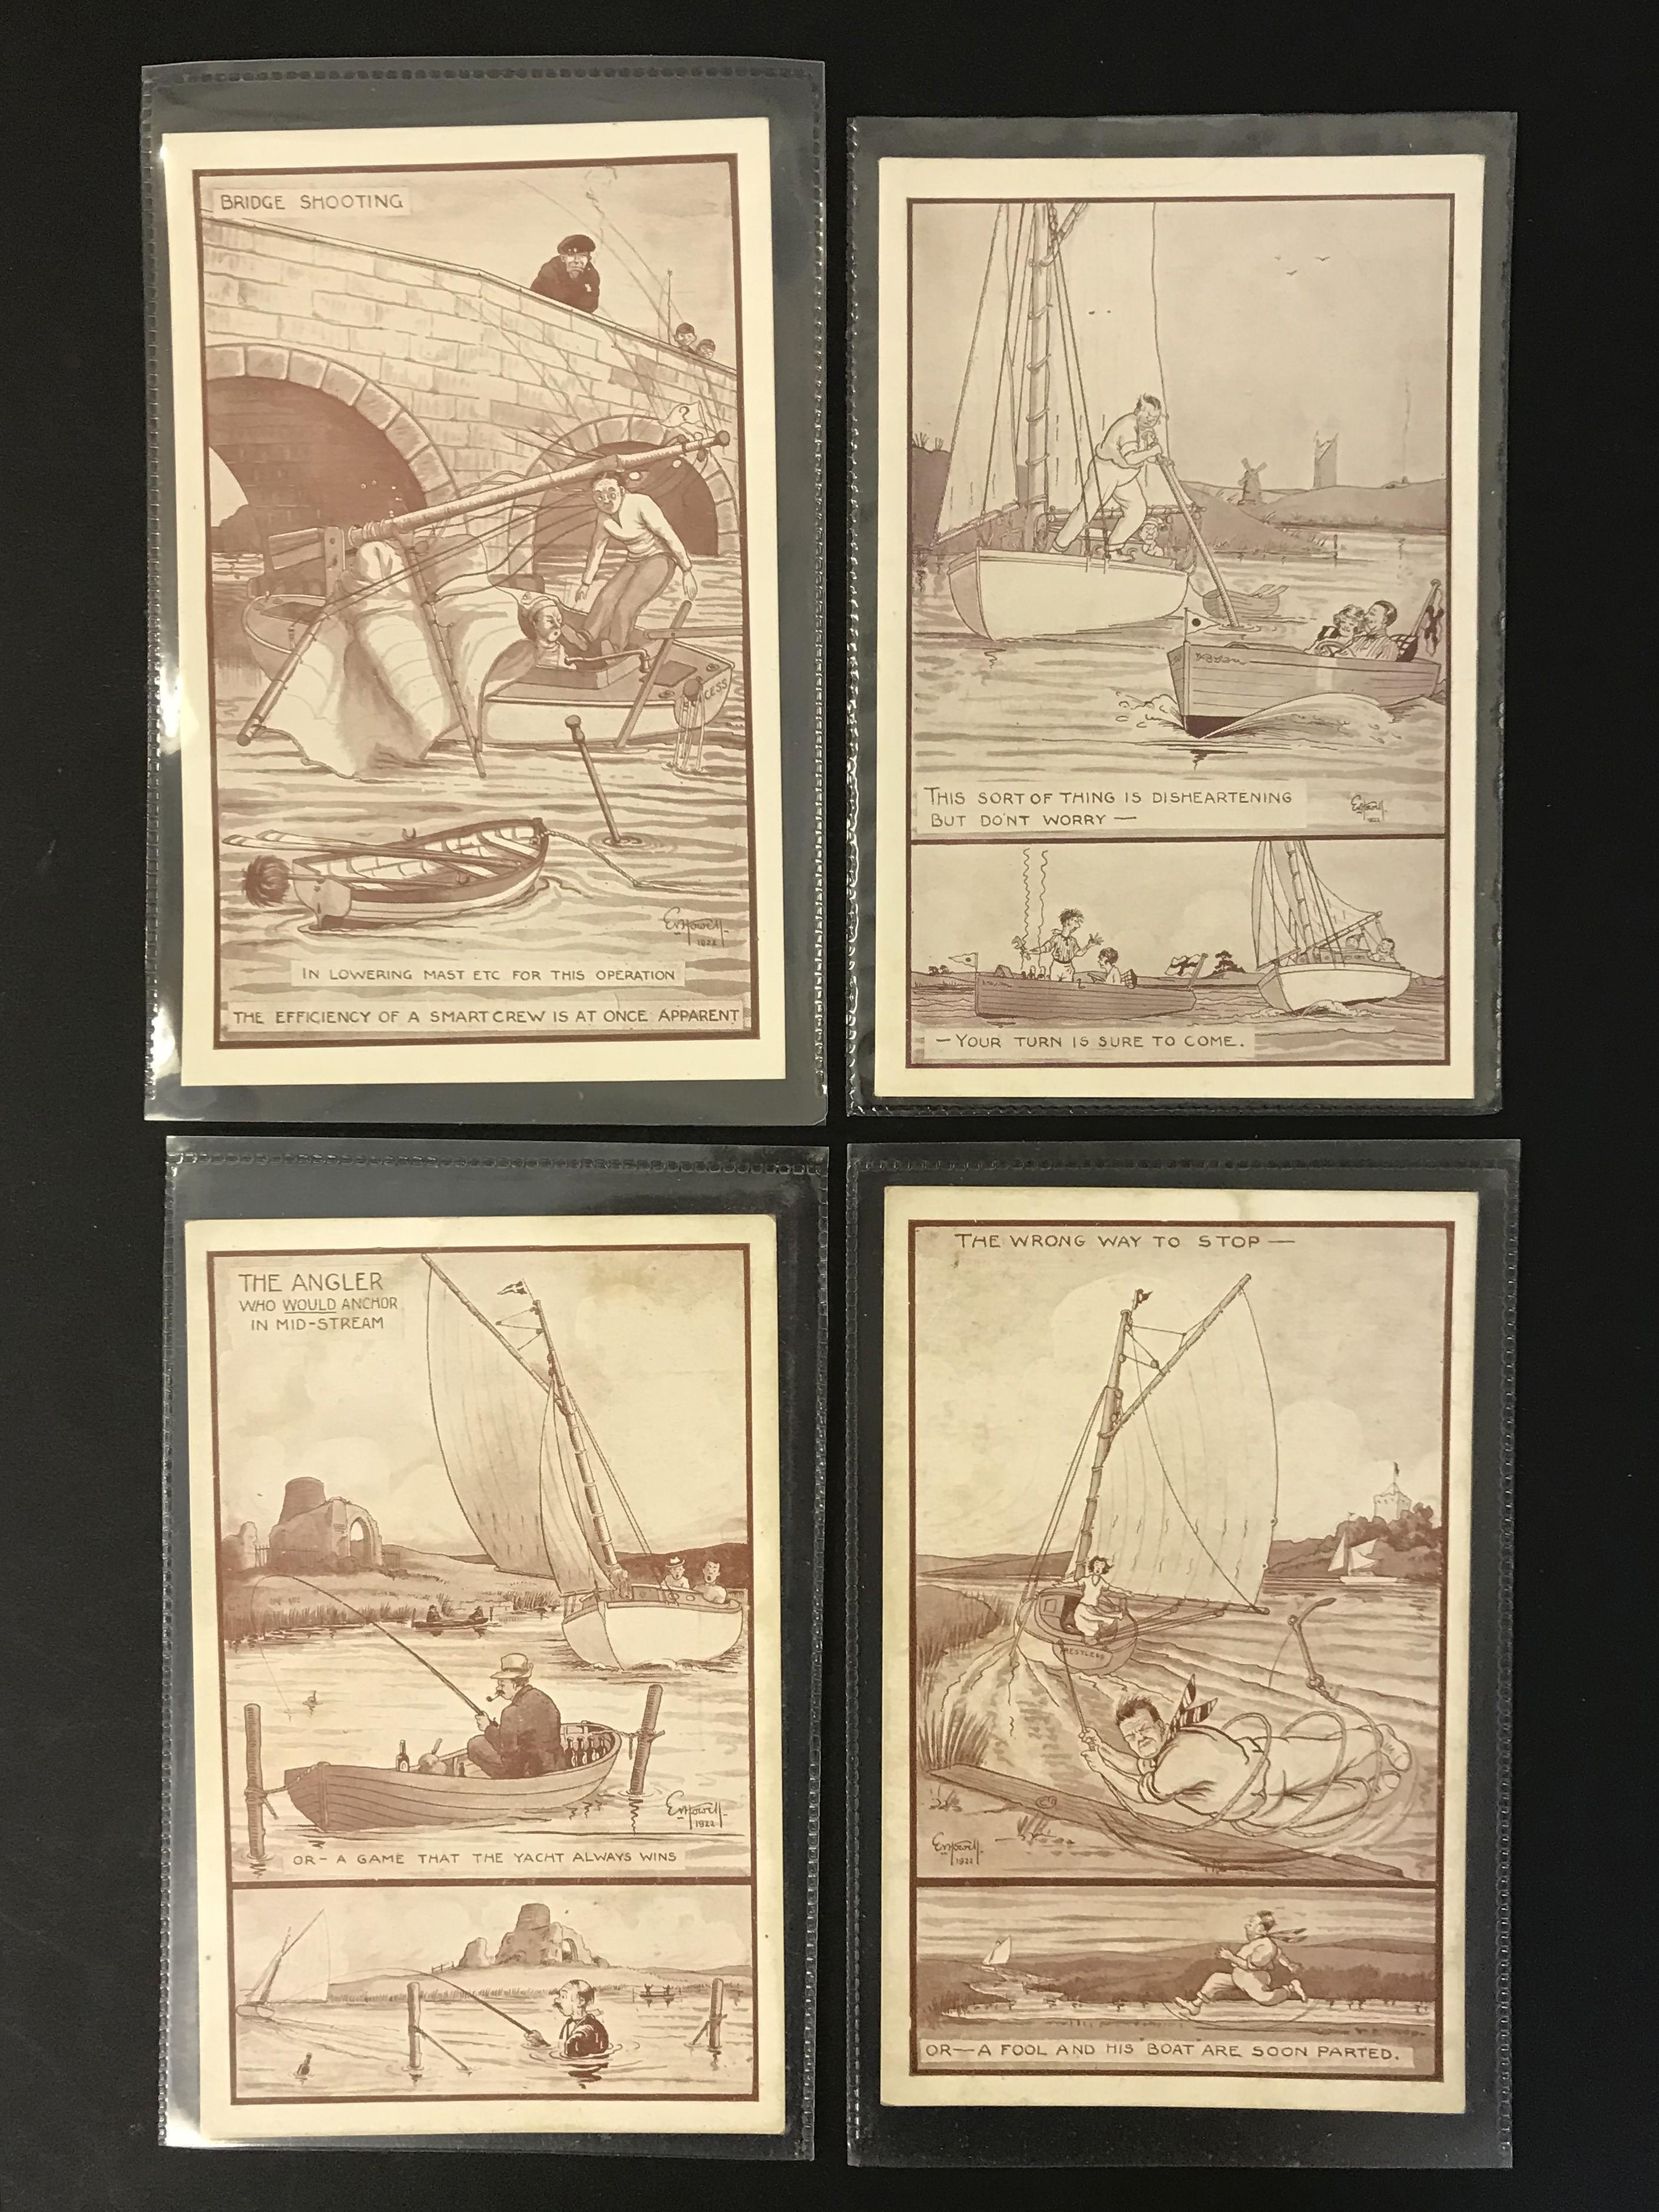 COMPLETE SET OF TWELVE ARTIST SIGNED COMIC POSTCARDS - NORFOLK BROADS - Image 3 of 4